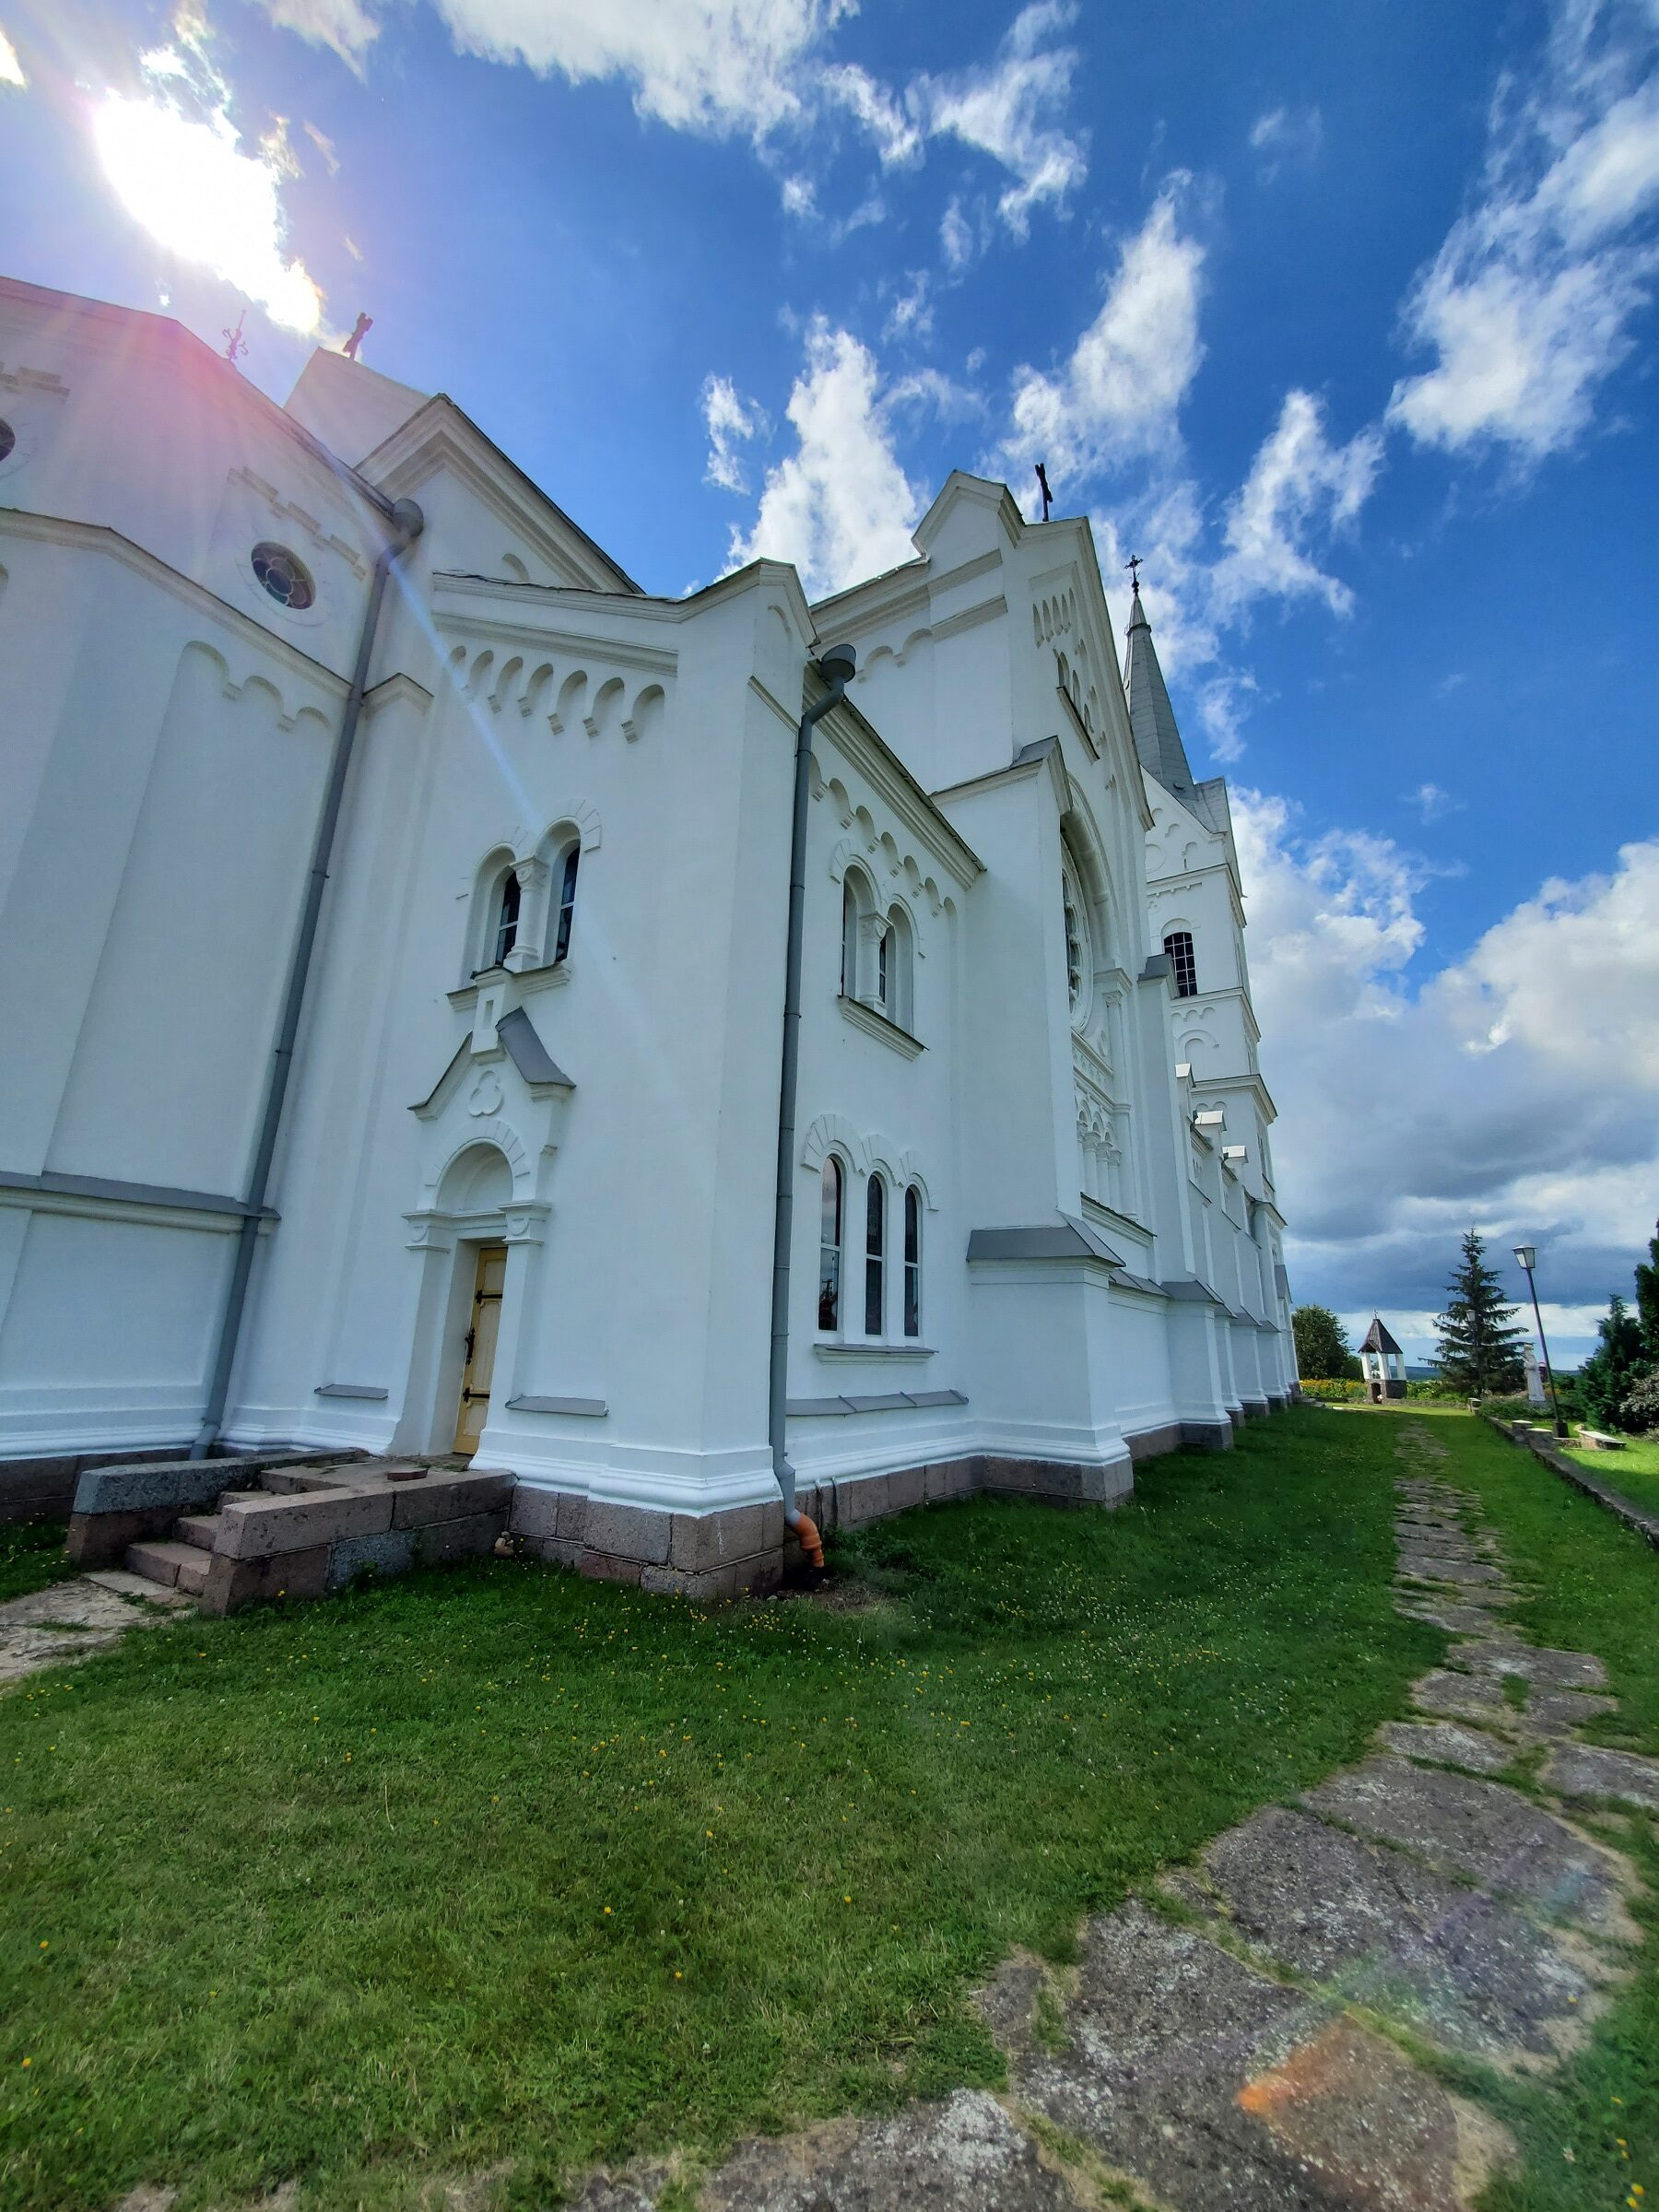 20200730 142117 rotated - Костел Божьего Провидения в Слободке